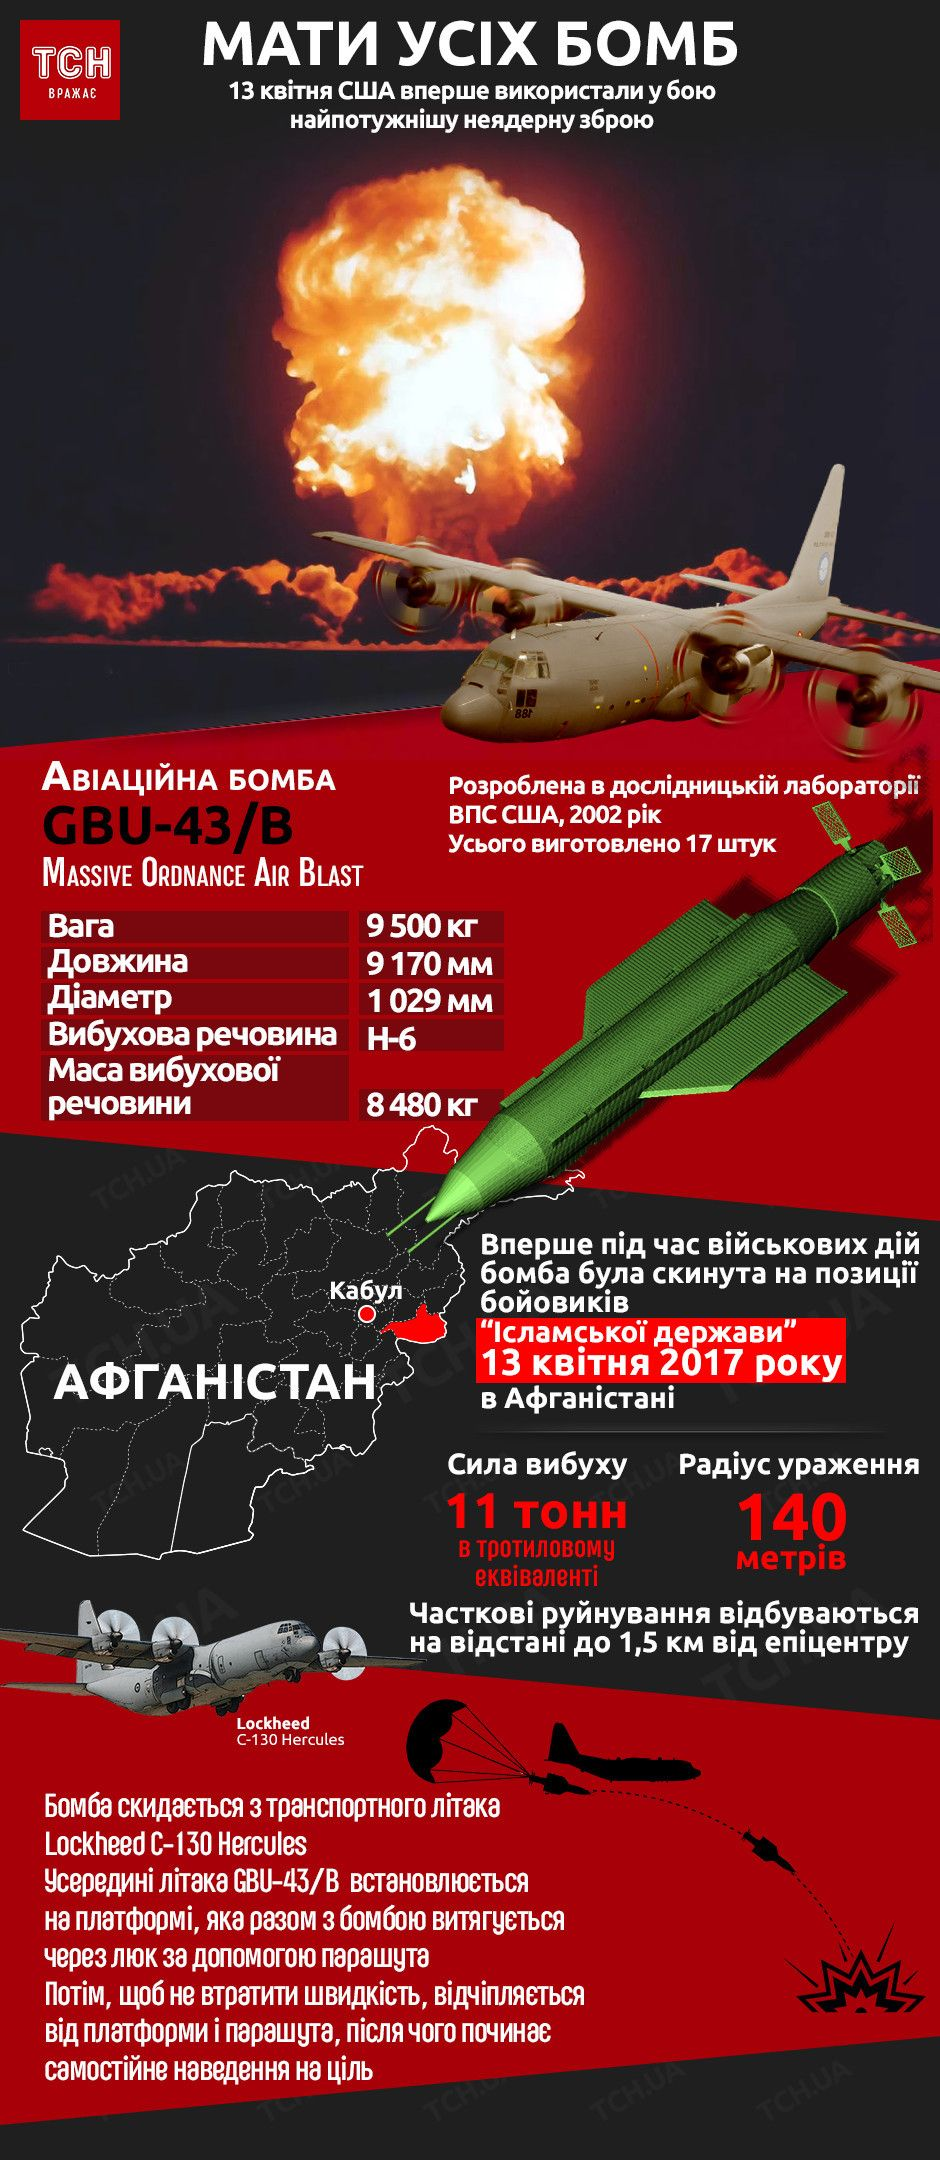 Матір всіх бомб, GBU-43, MOAB, інфографіка